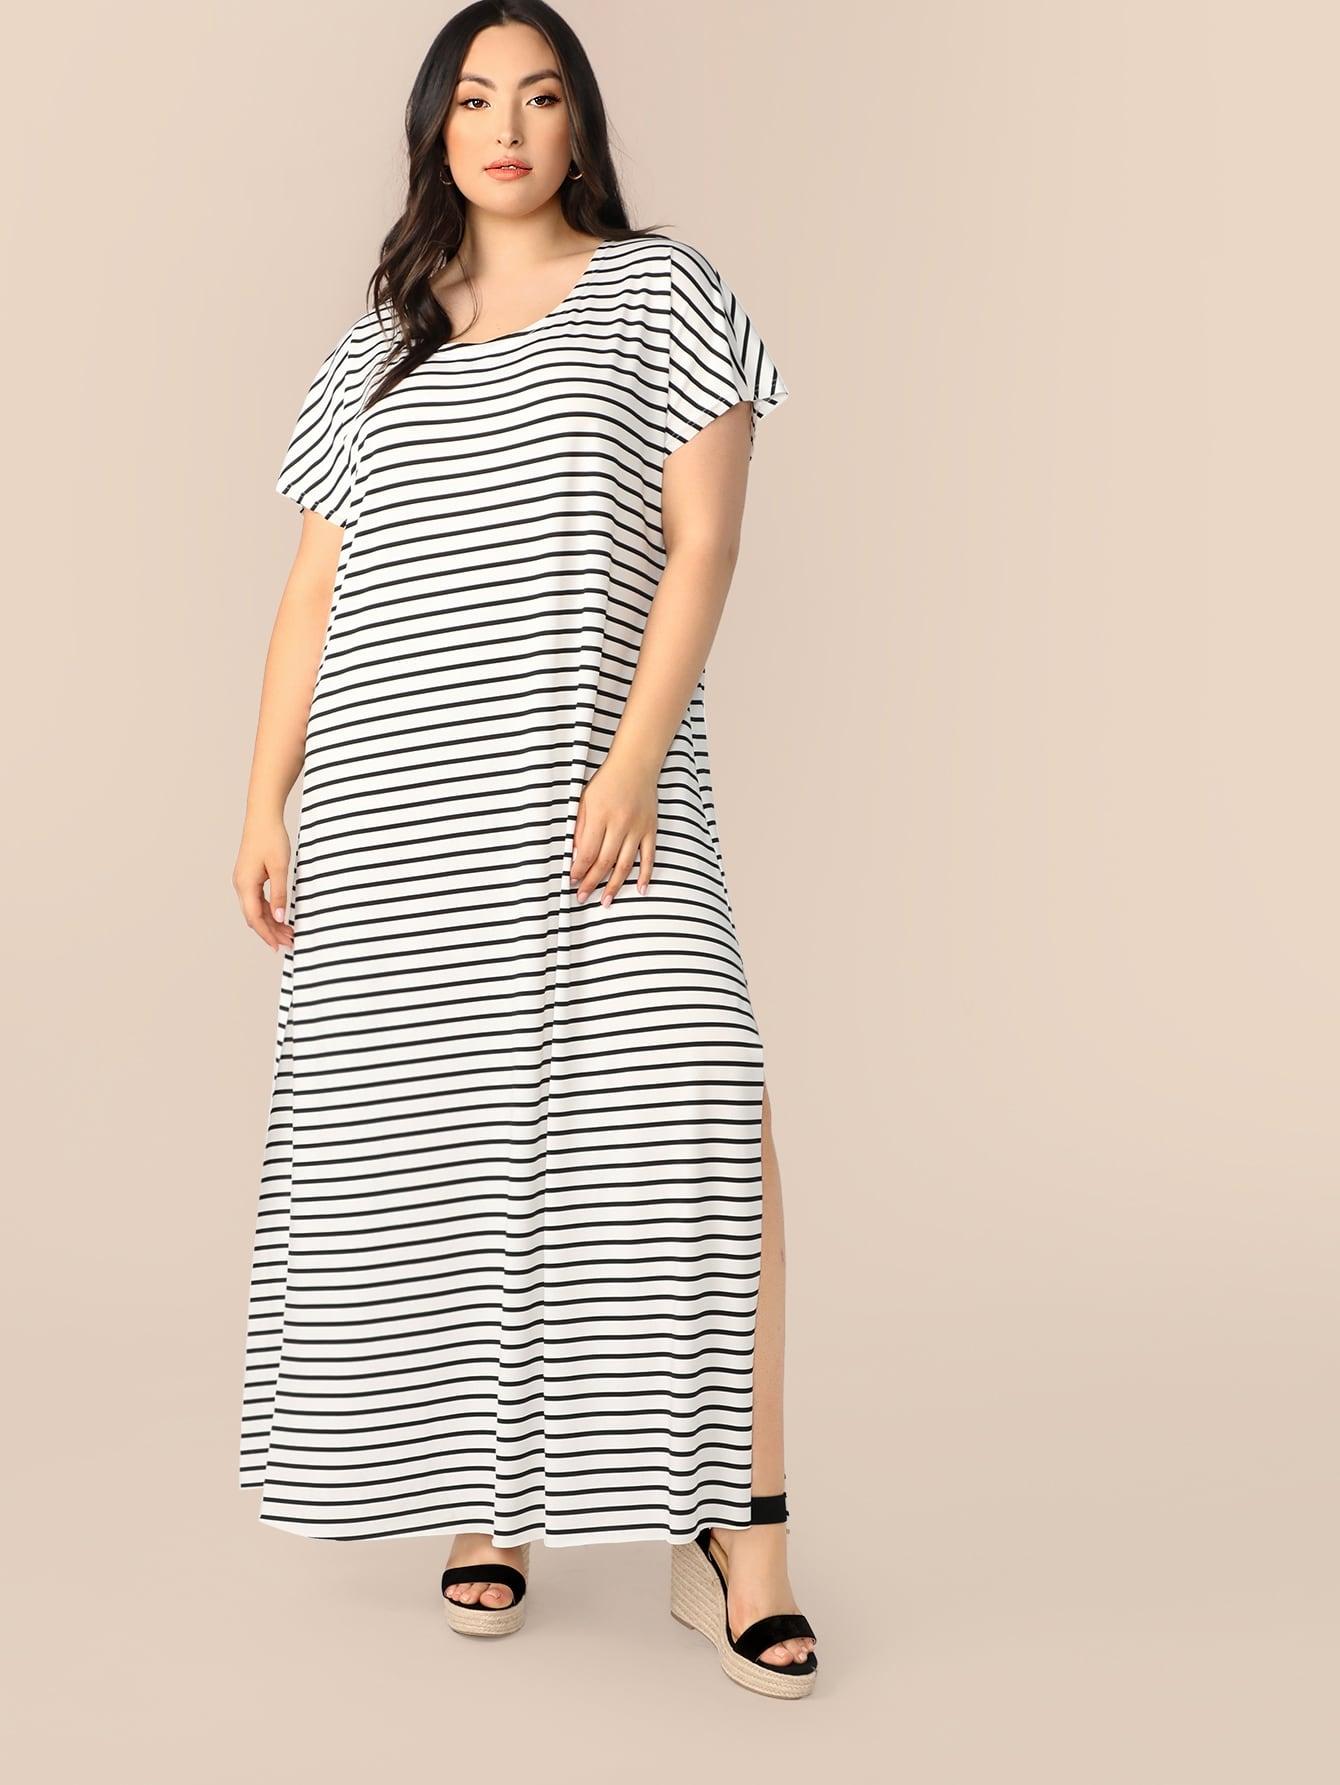 Фото - Полосатое платье размера плюс с разрезом от SheIn цвет чёрнобелые